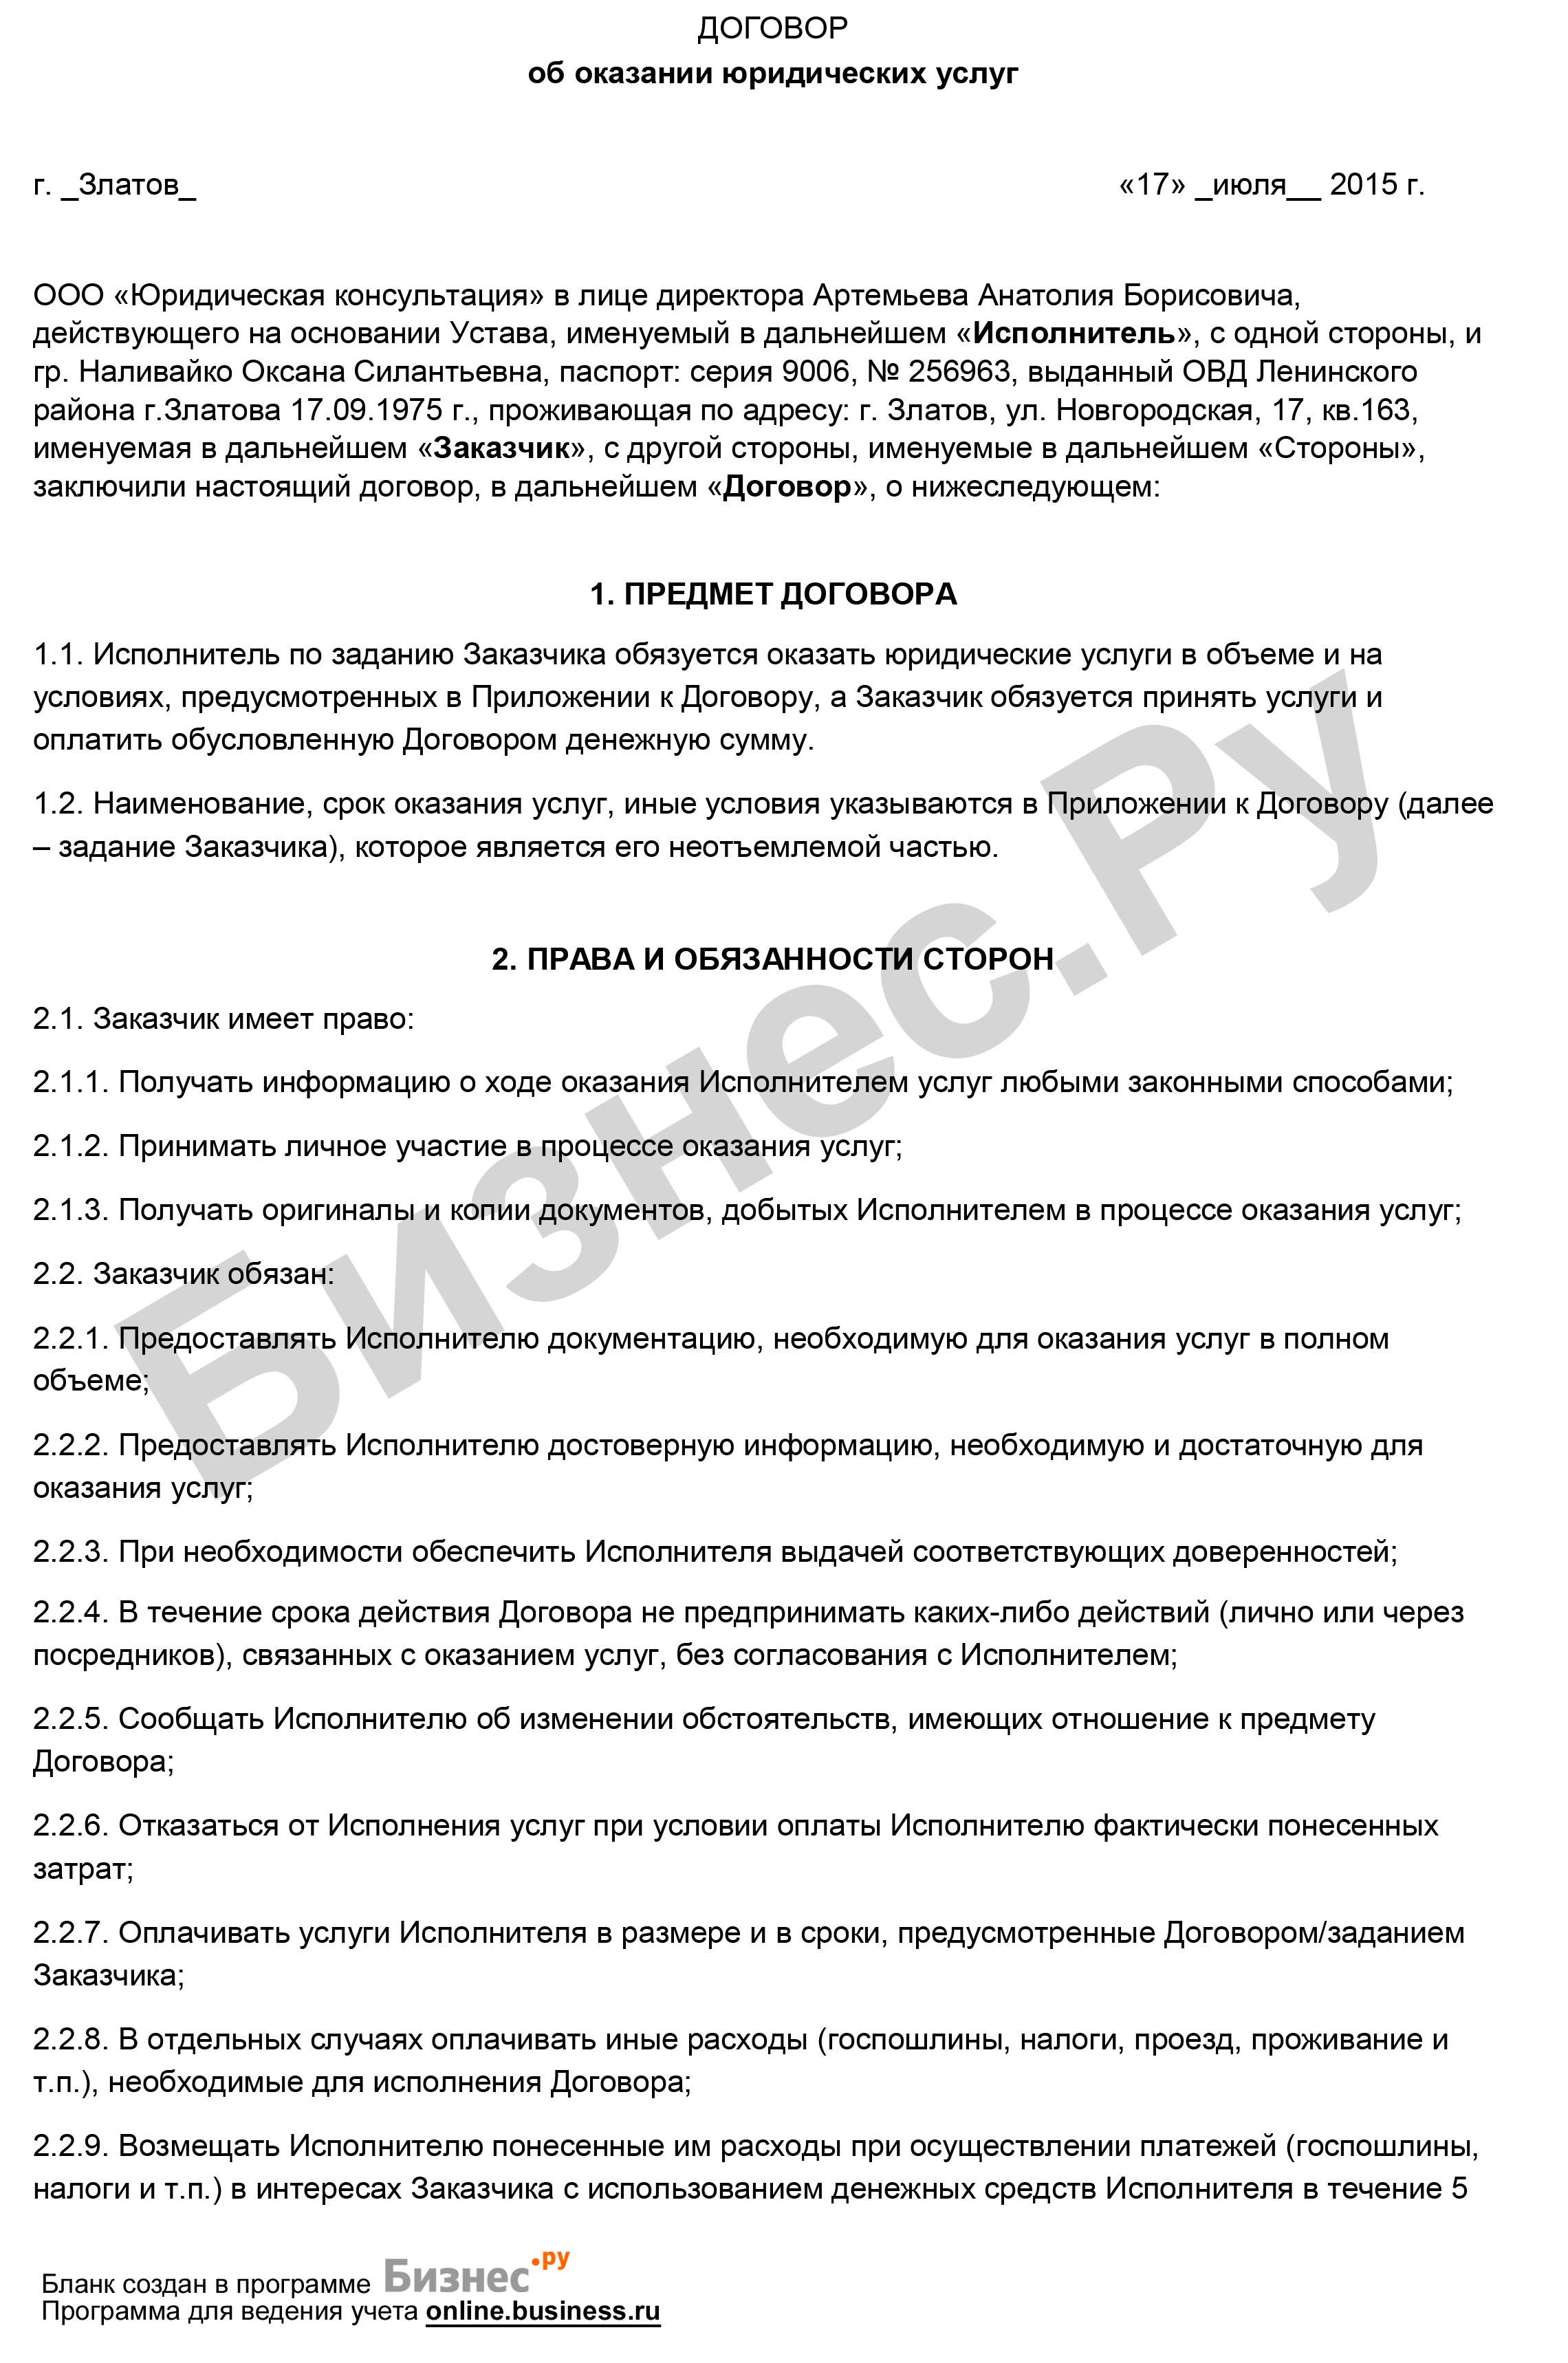 информация для составления договора